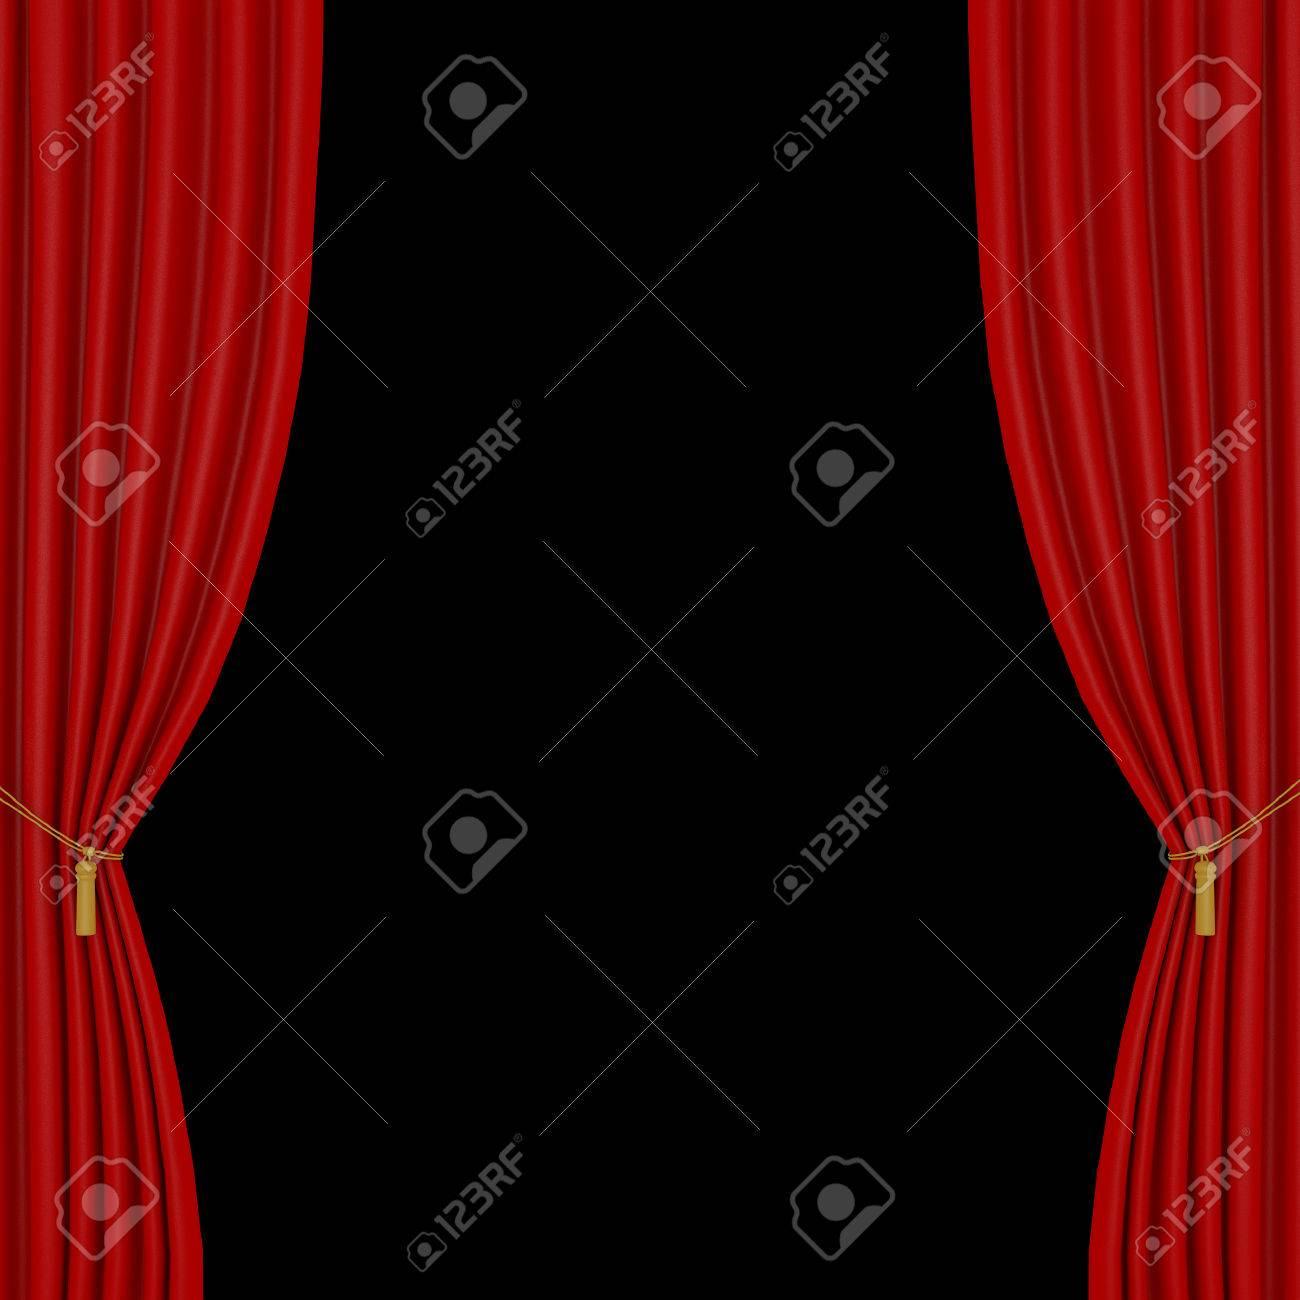 foto de archivo cortinas rojas sobre un fondo negro